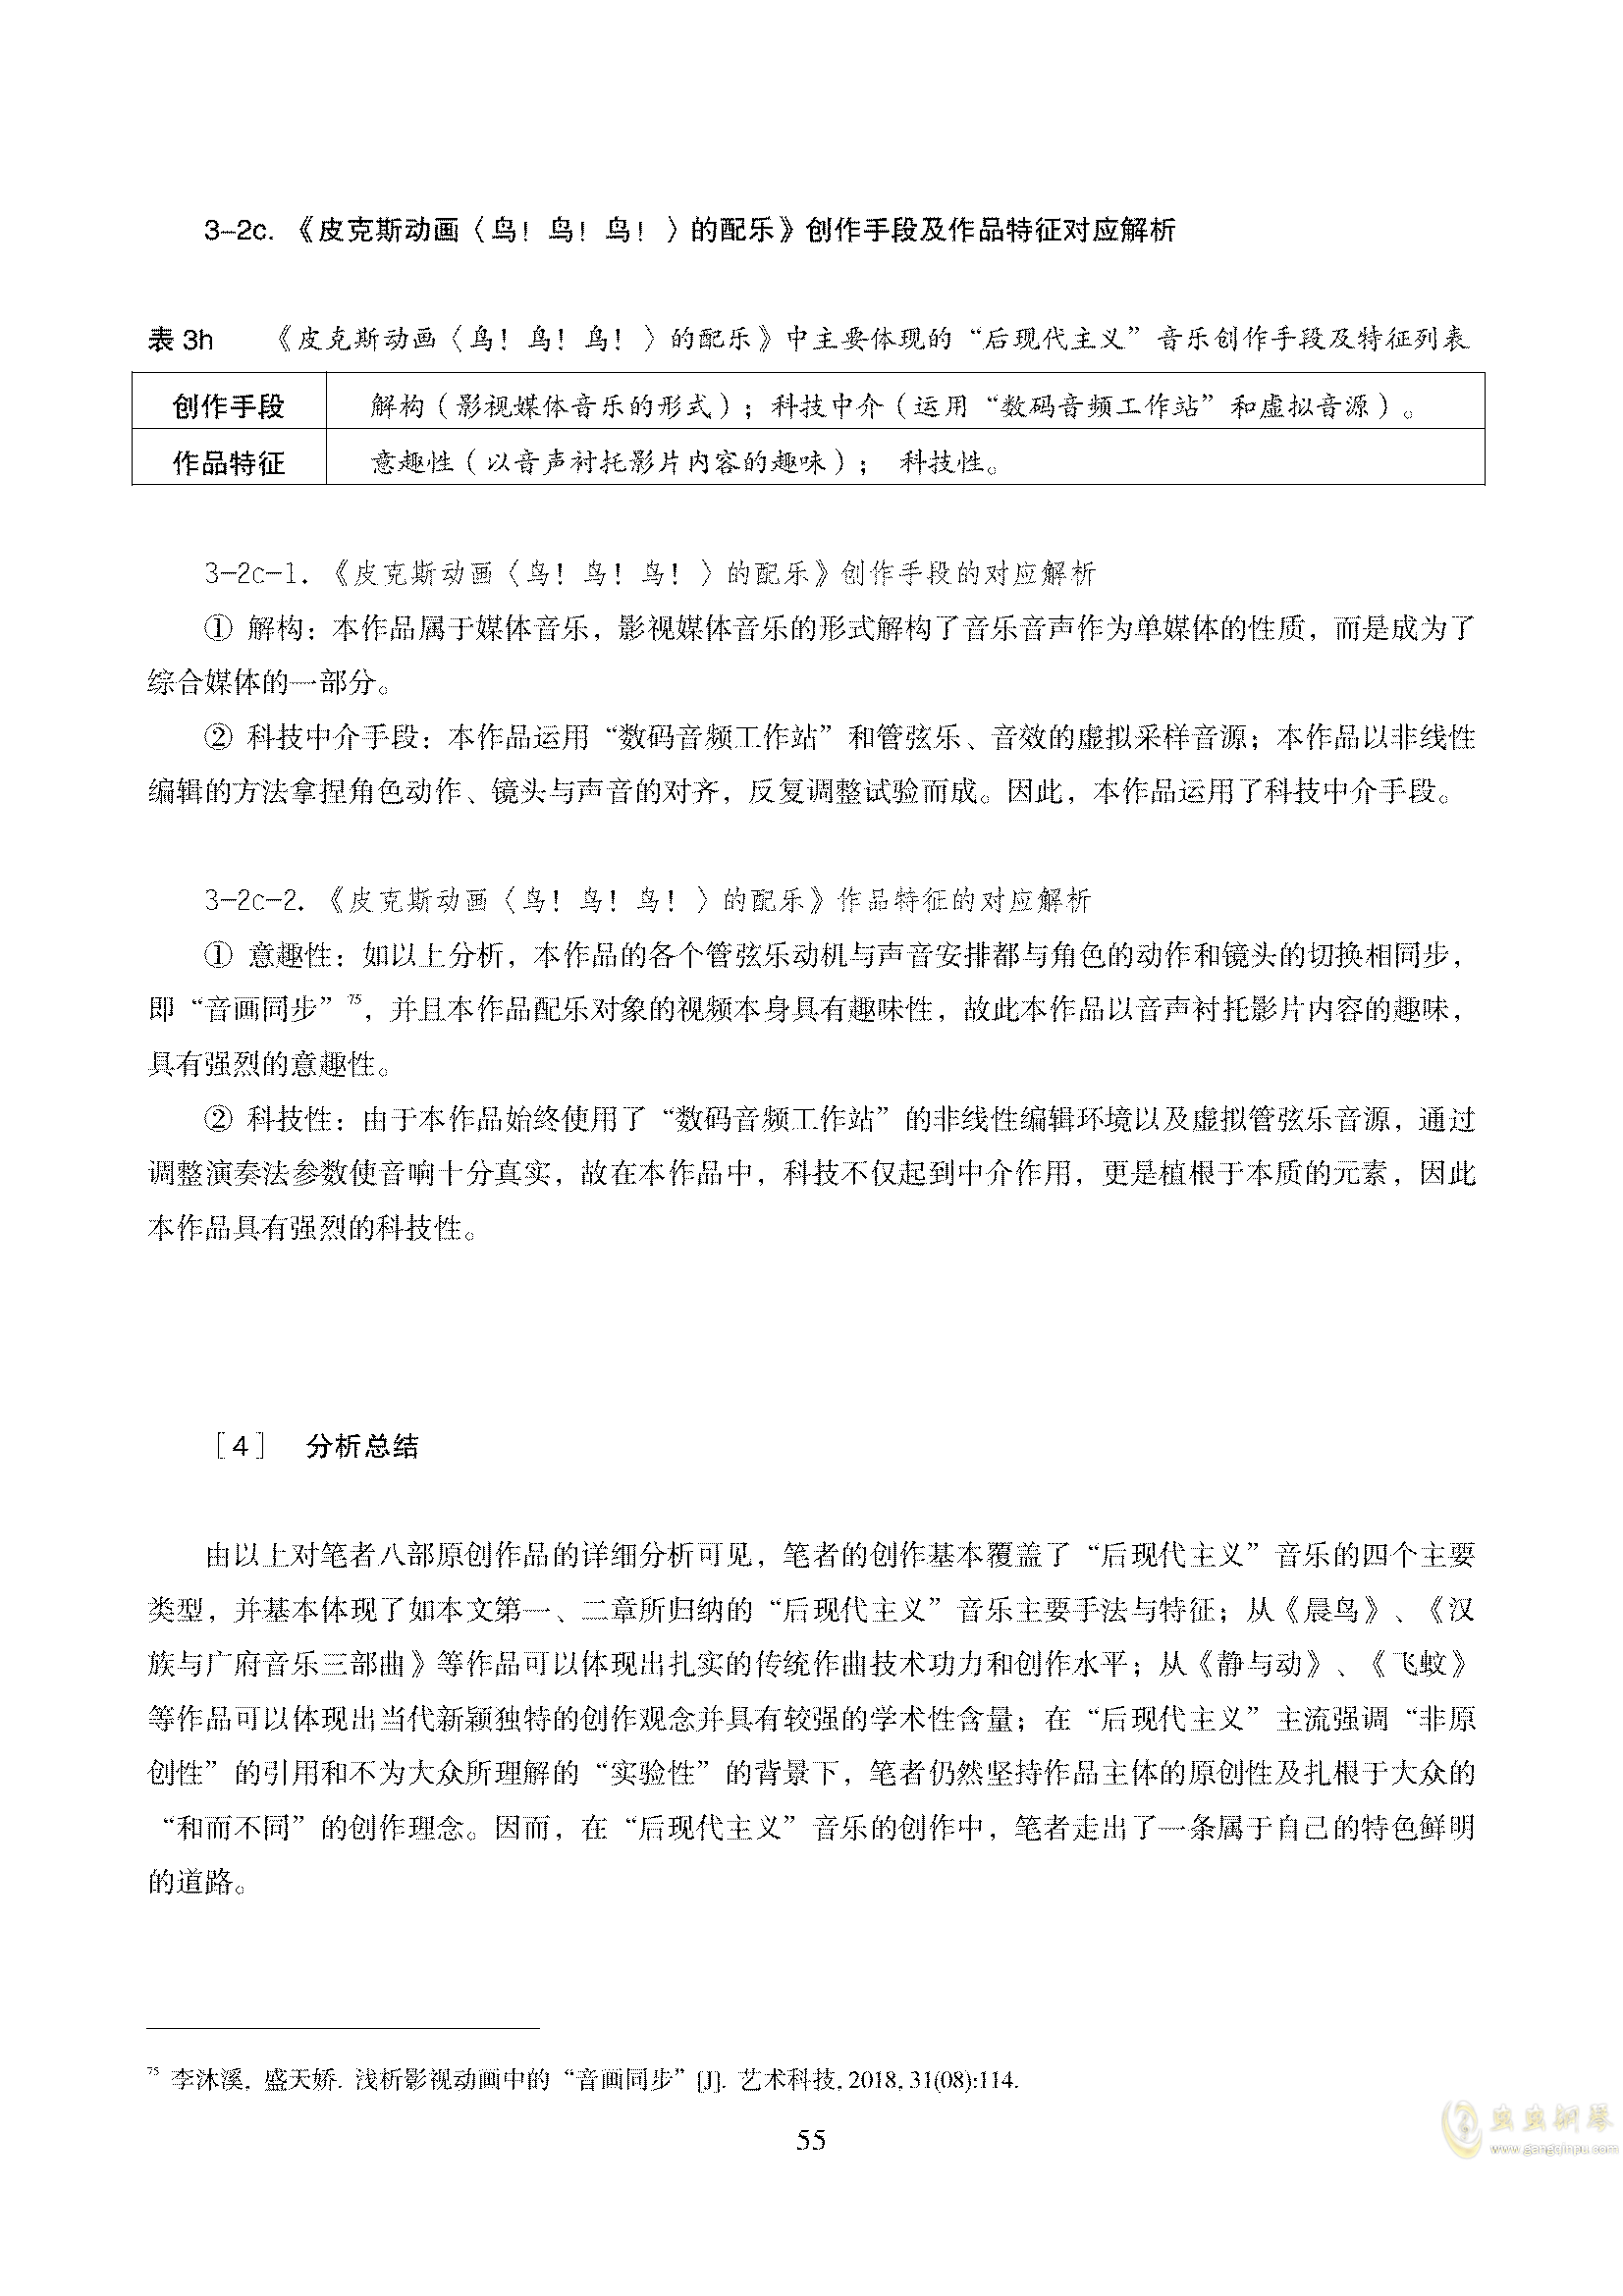 真·硕士论文ag88环亚娱乐谱 第59页